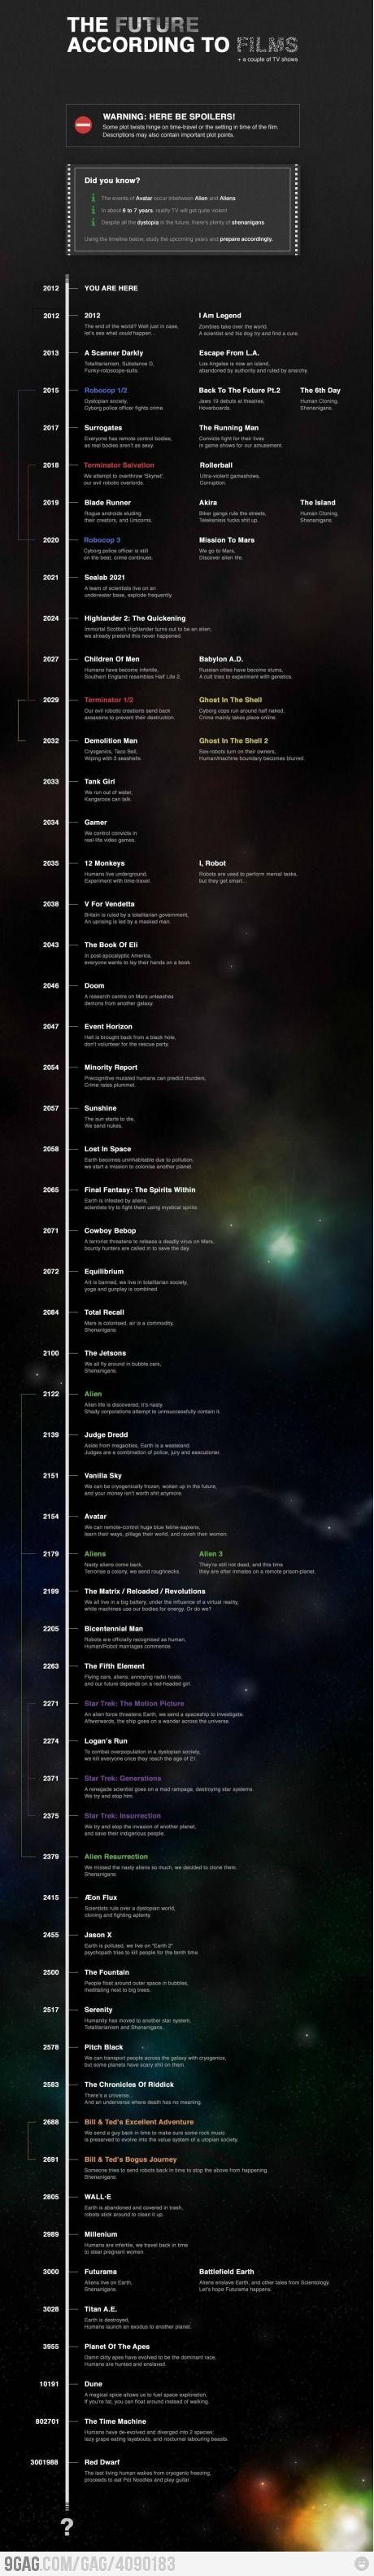 Sci-Fi Schedule - Línea de tiempo de eventos en el futuro de las películas de ciencia ficción y series.